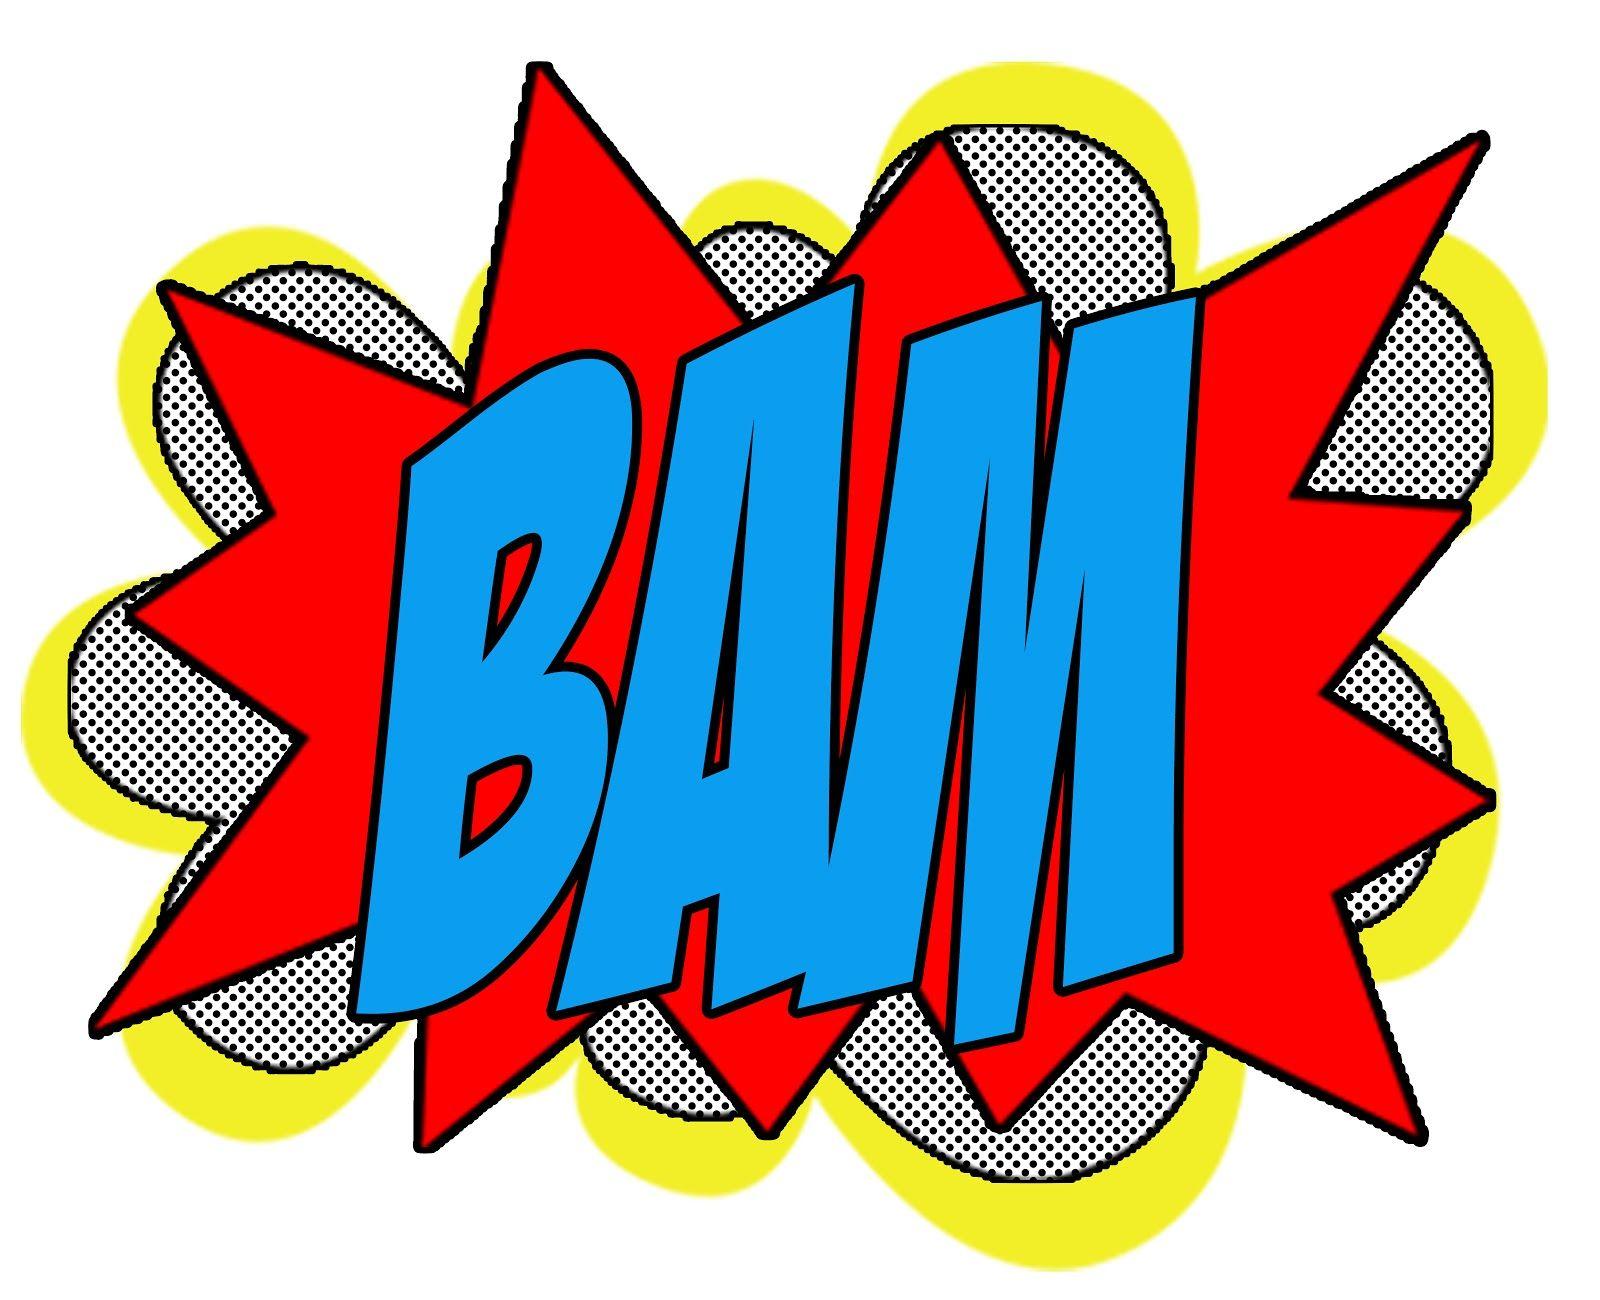 Superhero Bam Pow Signs Source Galleryhip Com Pow